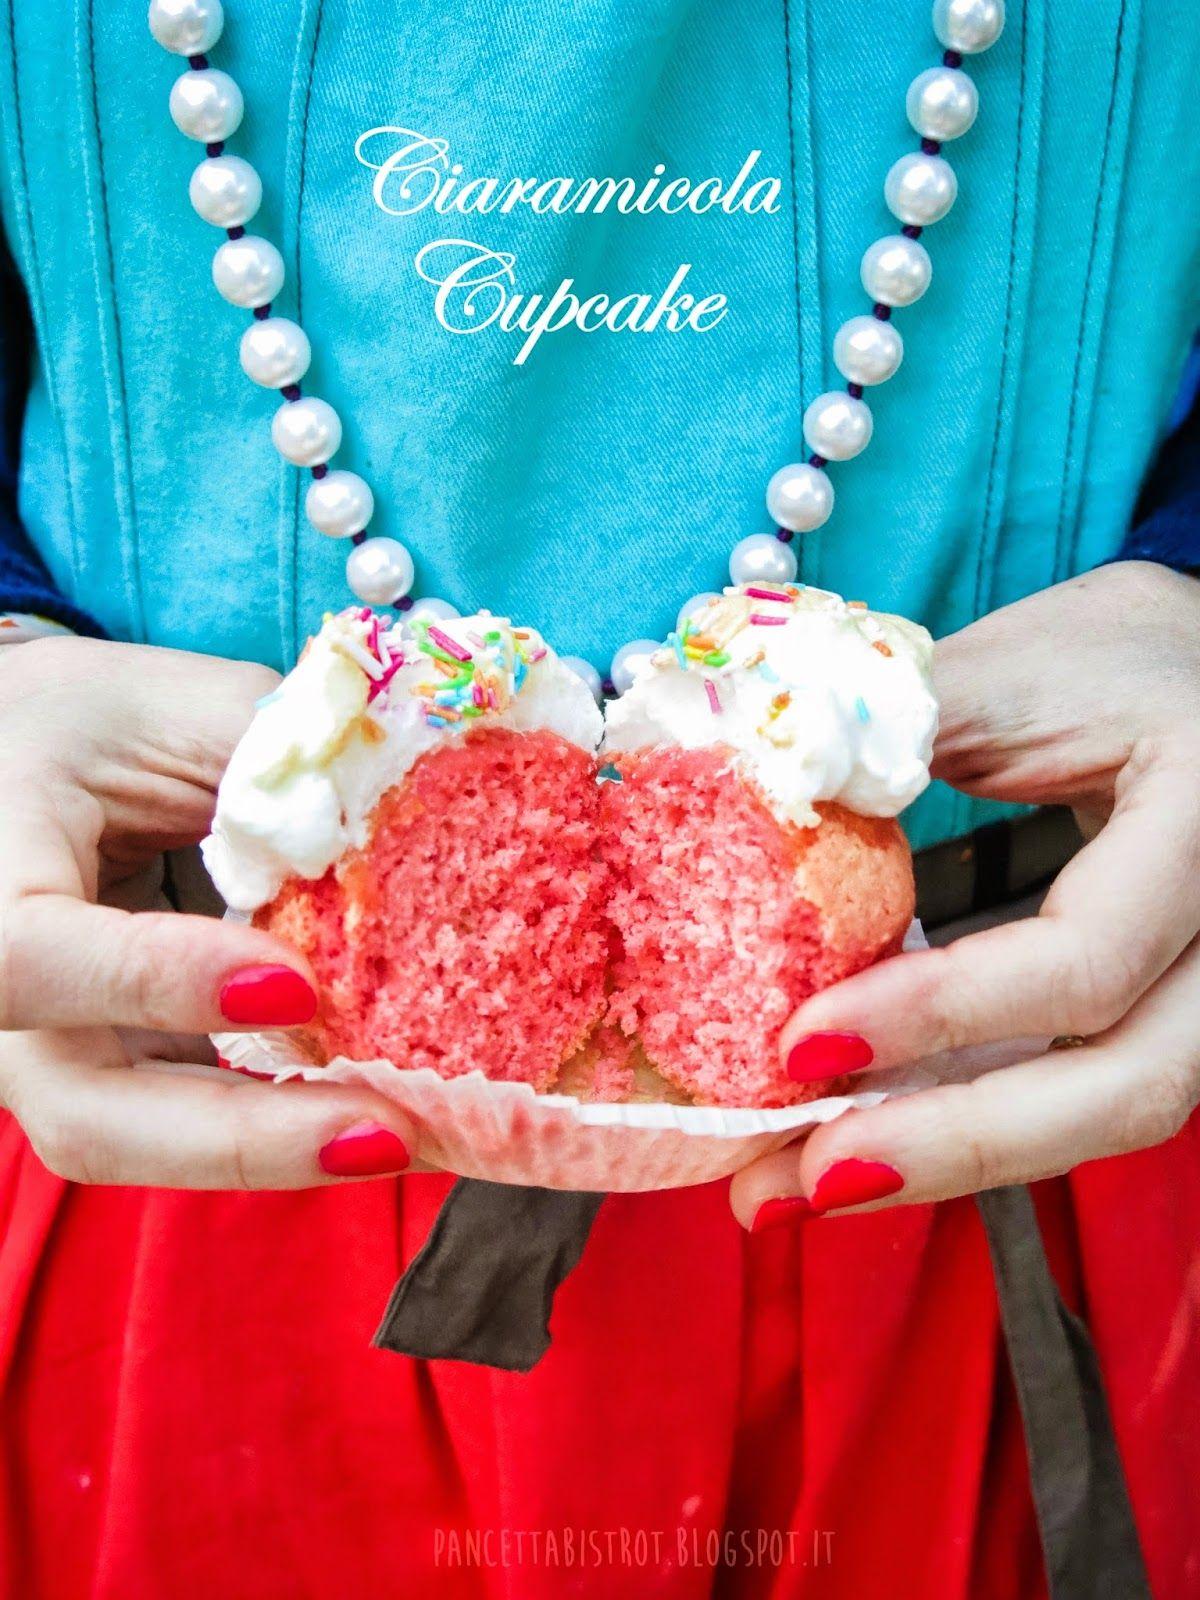 Pancetta Bistrot - ricette creative dall'Italia e dal mondo